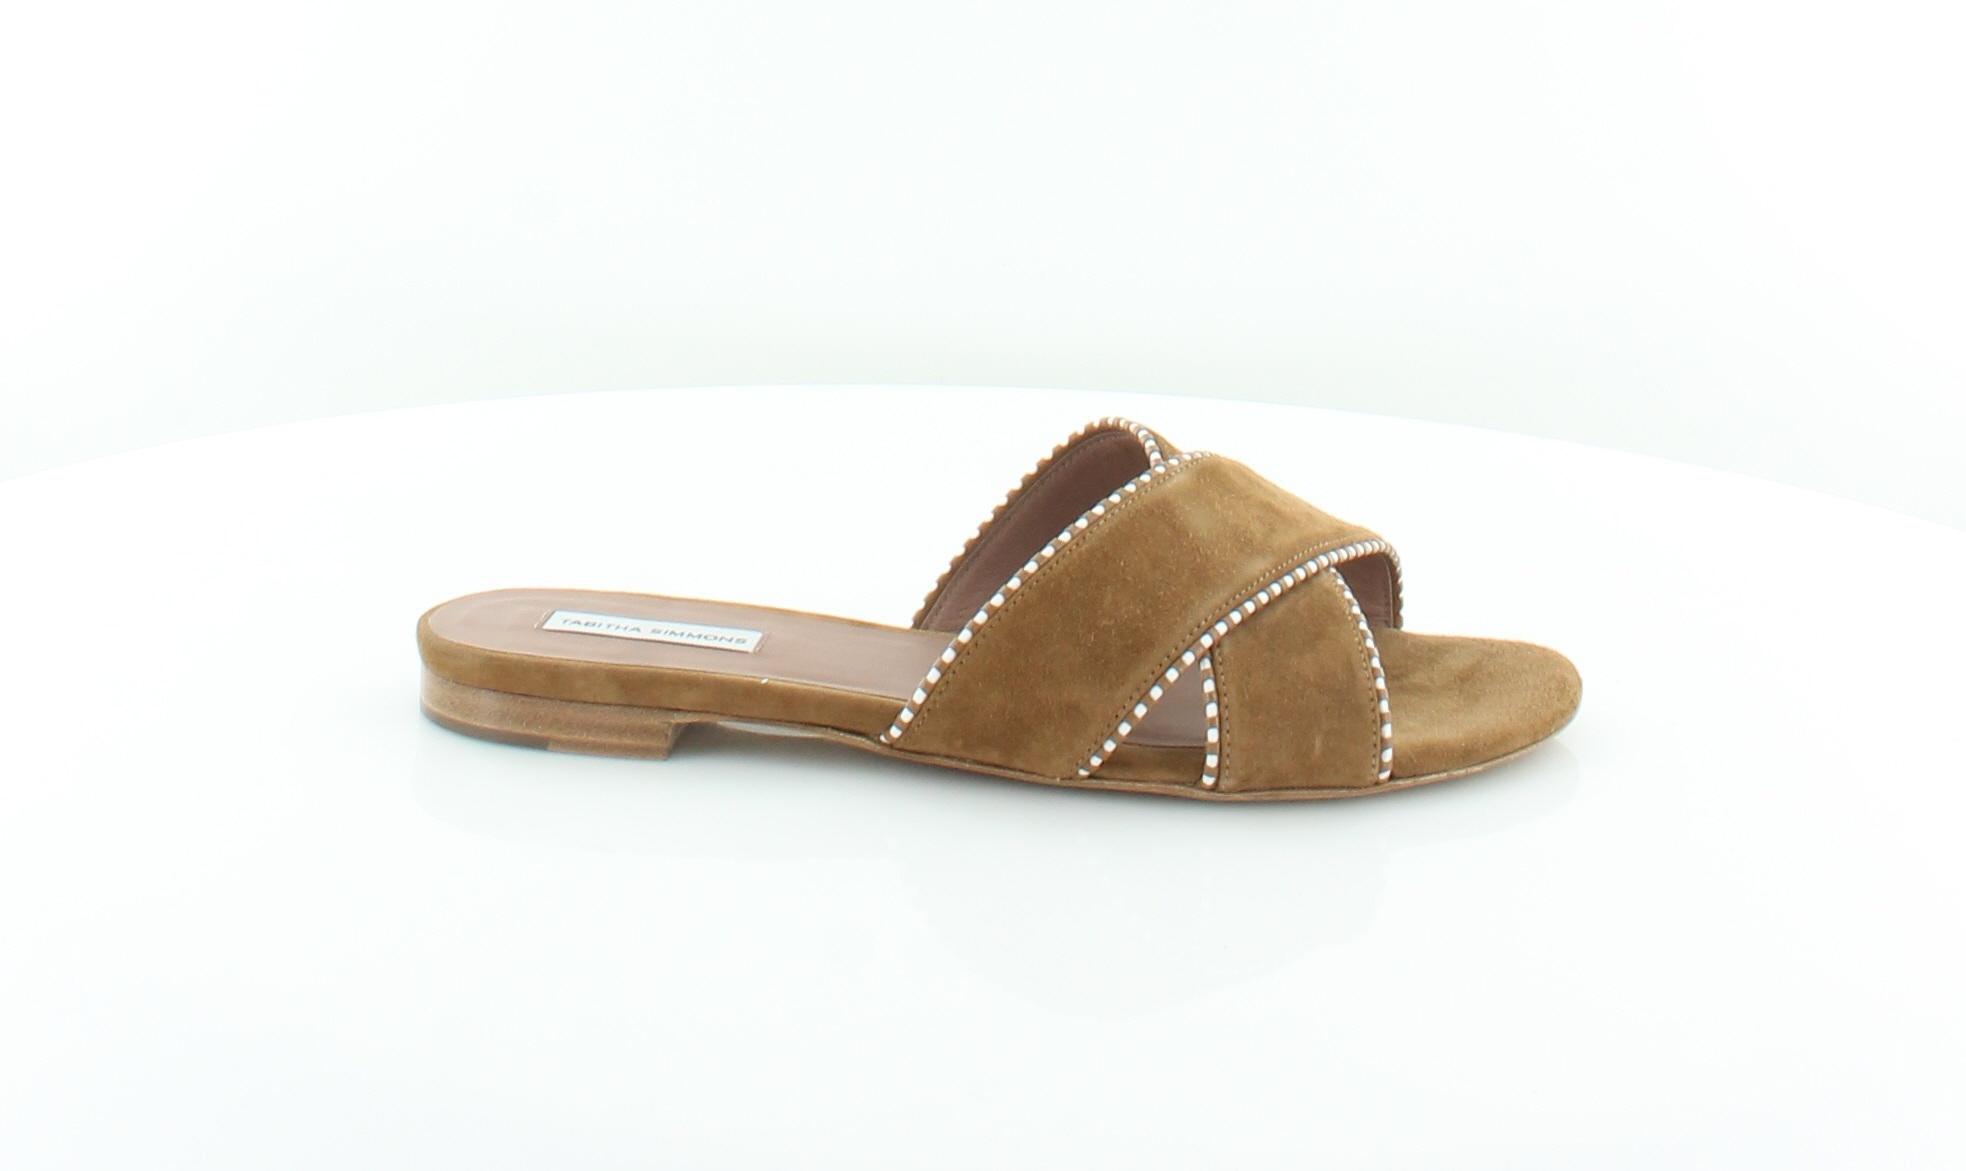 Tabitha Simmons Lassie Marrón Zapatos para mujer Talla 9 M M M Sandalias precio minorista sugerido por el fabricante  545  mejor marca